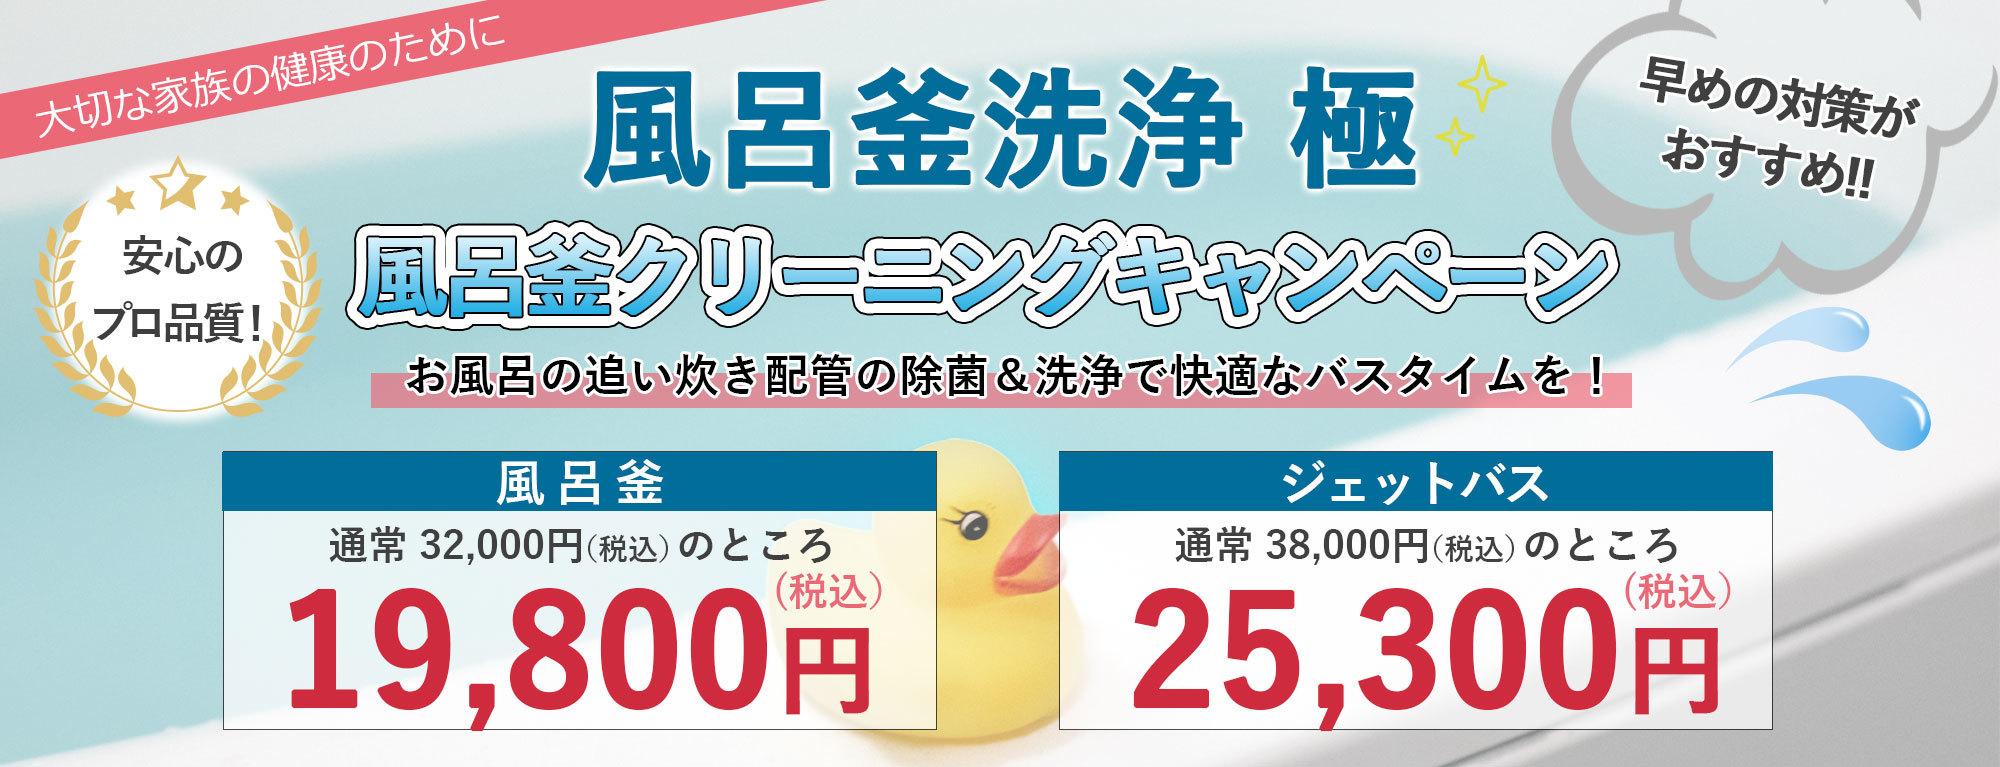 風呂釜キャンペーン